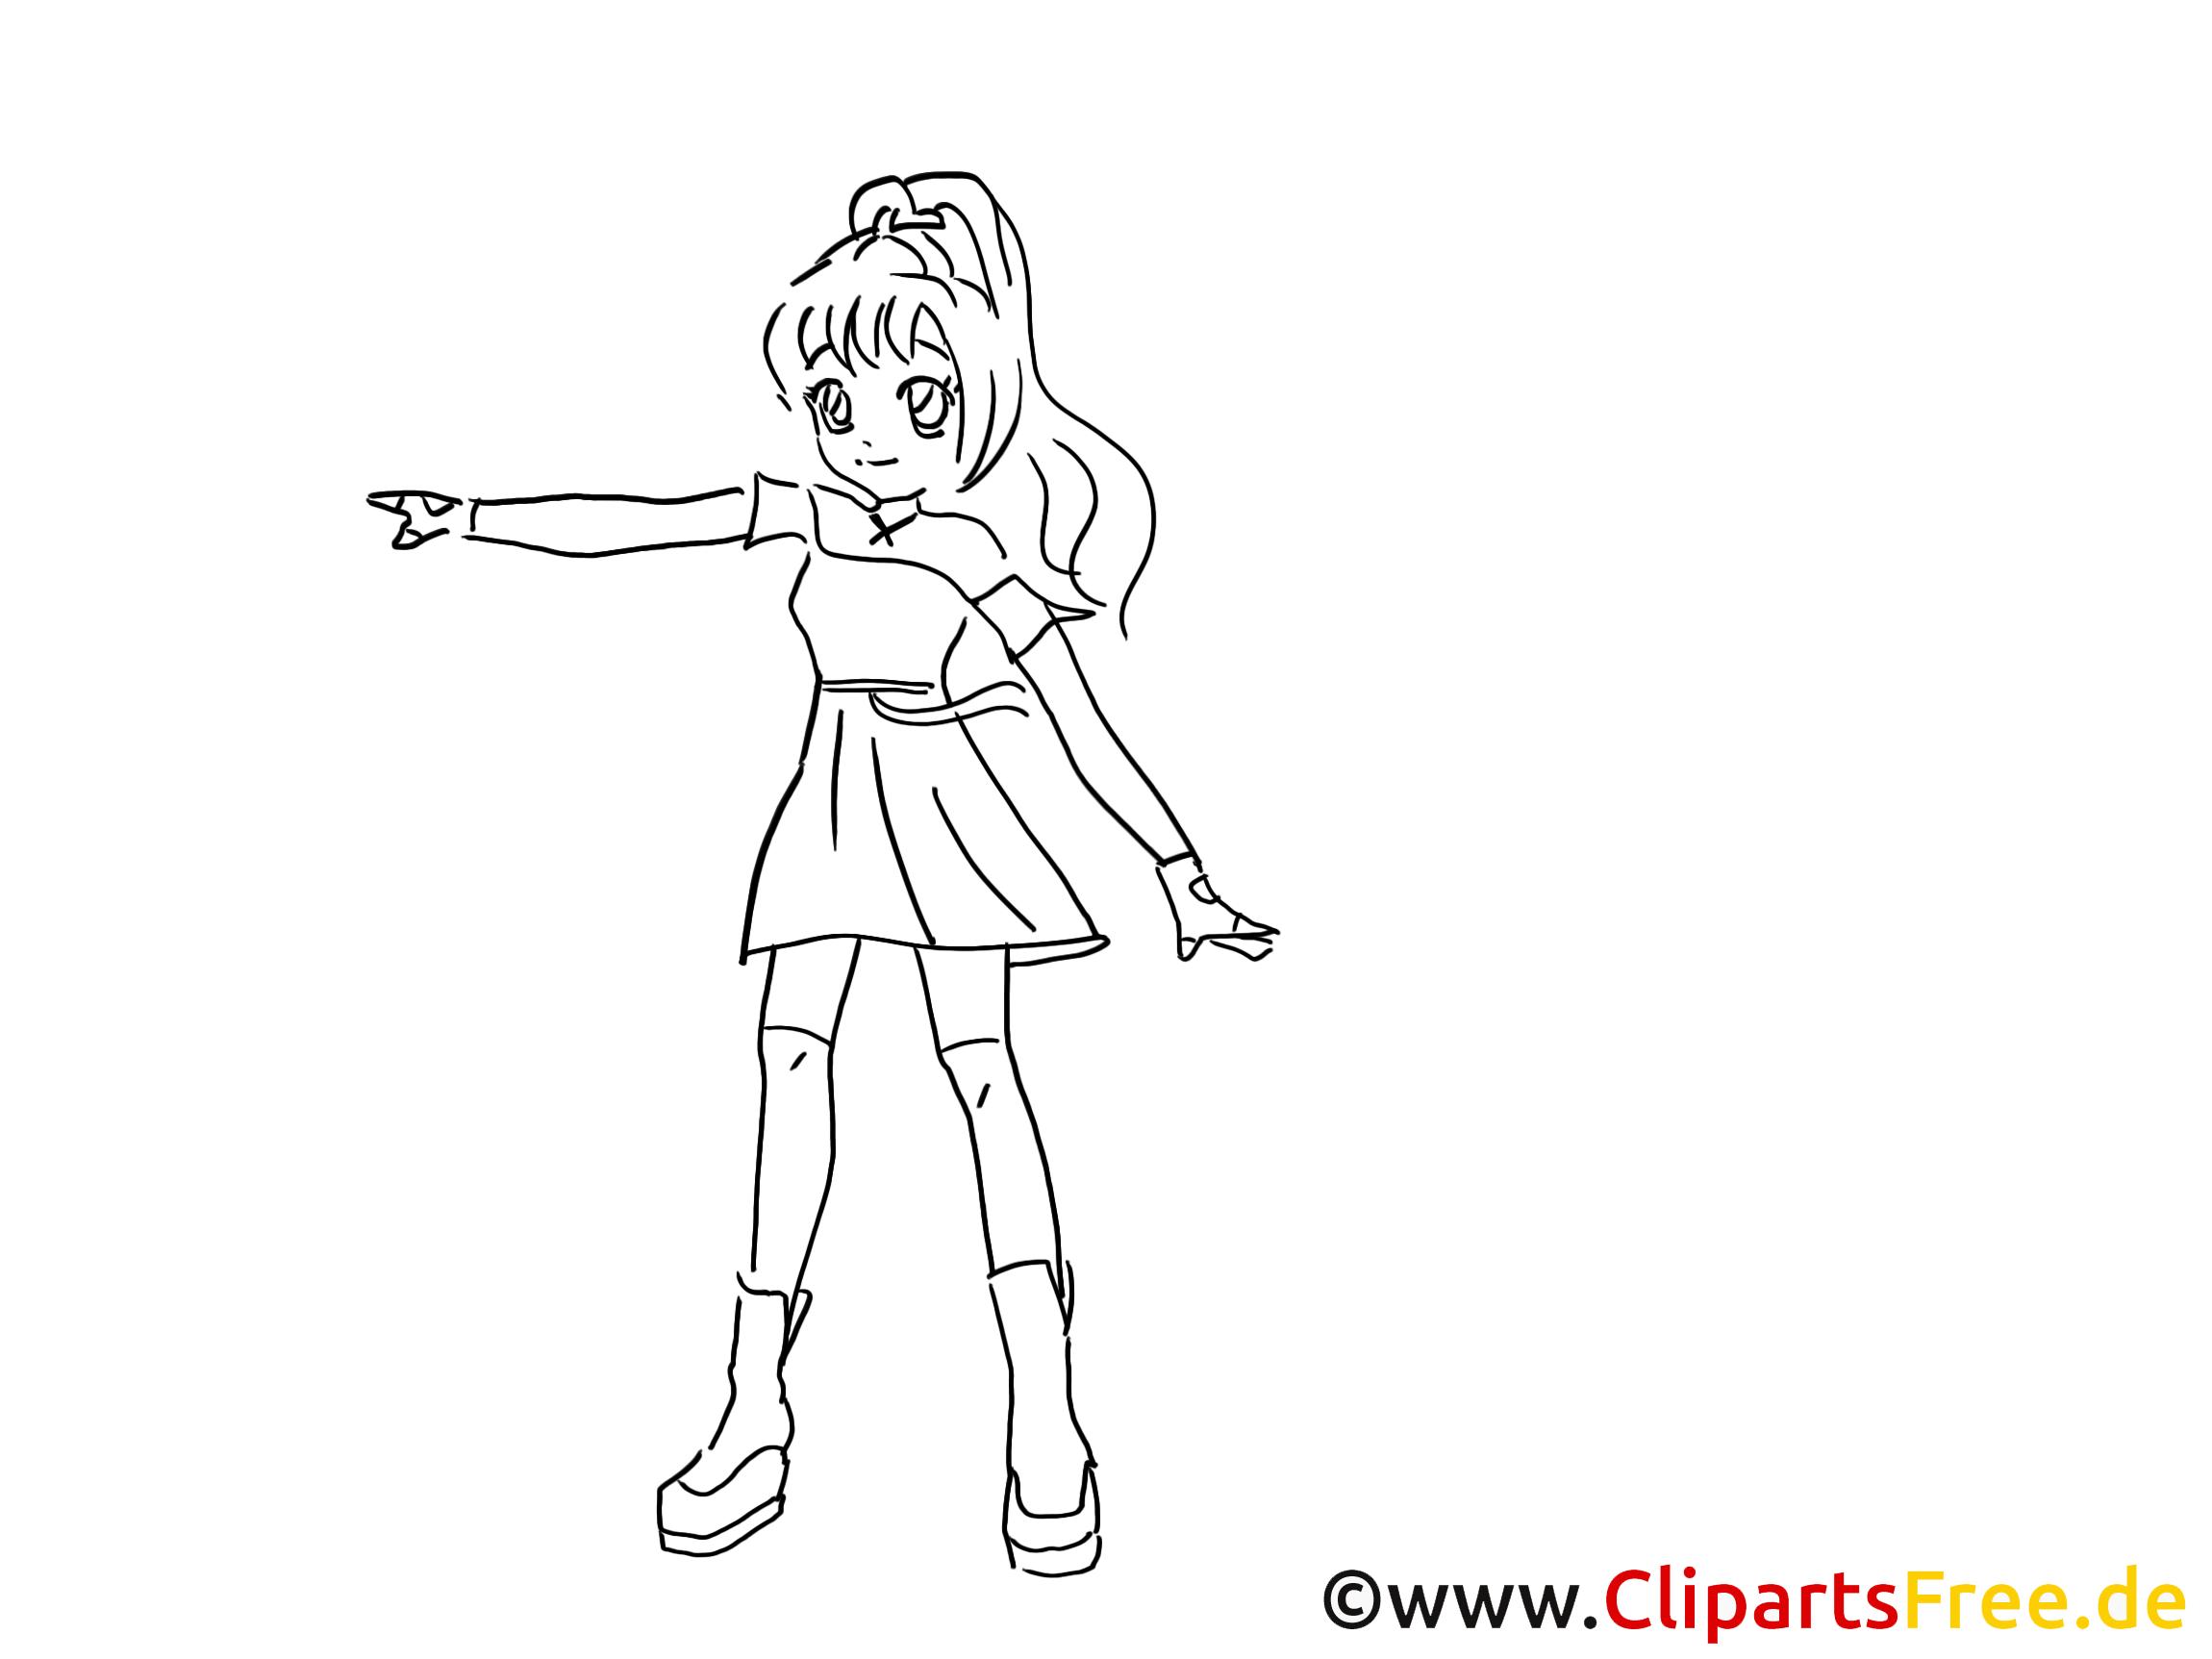 Manga Zum Ausmalen, Malvorlage, Ausmalbild Gratis für Manga Ausmalen